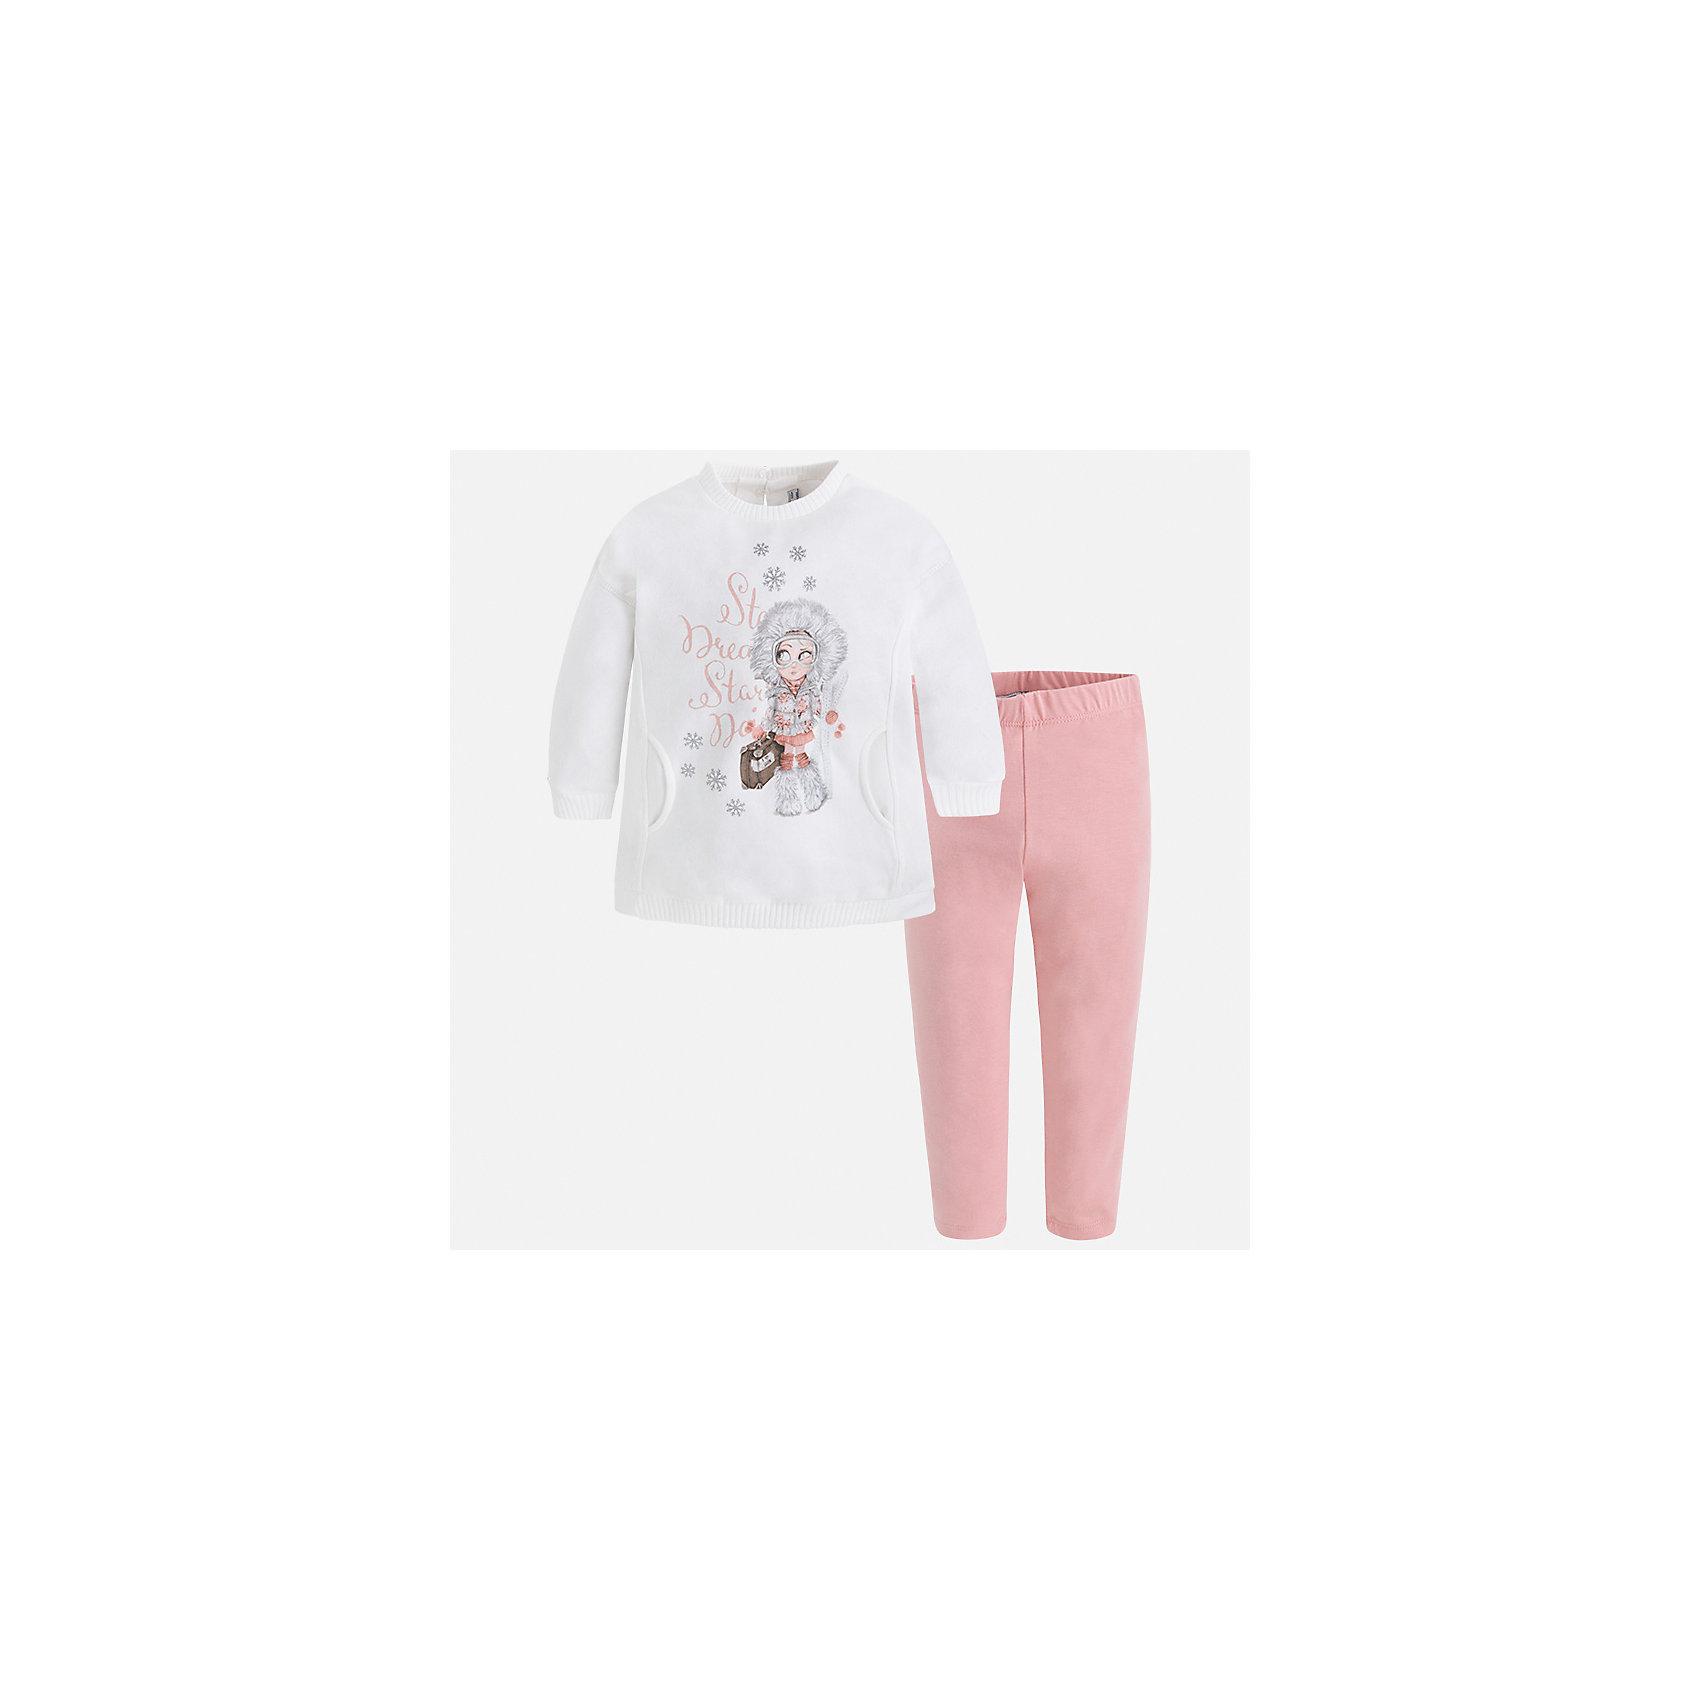 Комплект: футболка с длинным рукавом и леггинсы Mayoral для девочкиБлузки и рубашки<br>Характеристики товара:<br><br>• цвет: розовый<br>• комплектация: блузка и леггинсы<br>• состав ткани леггинсов: 57% хлопок, 38% полиэстер, 5% эластан<br>• состав ткани блузки: 45% хлопок, 42% полиэстер, 13% металлизированное волокно<br>• длинные рукава<br>• застежка: пуговица<br>• стразы<br>• пояс: резинка<br>• сезон: круглый год<br>• страна бренда: Испания<br>• страна изготовитель: Индия<br><br>Такой симпатичный комплект поможет подарить ребенку комфорт. Детский комплект от известного бренда Майорал состоит из мягкой блузки с принтом и эластичных леггинсов. <br><br>Для производства детской одежды популярный бренд Mayoral использует только качественную фурнитуру и материалы. Оригинальные и модные вещи от Майорал неизменно привлекают внимание и нравятся детям.<br><br>Комплект: блузка и леггинсы для девочки Mayoral (Майорал) можно купить в нашем интернет-магазине.<br><br>Ширина мм: 123<br>Глубина мм: 10<br>Высота мм: 149<br>Вес г: 209<br>Цвет: розовый<br>Возраст от месяцев: 96<br>Возраст до месяцев: 108<br>Пол: Женский<br>Возраст: Детский<br>Размер: 134,92,98,104,110,116,122,128<br>SKU: 6922778